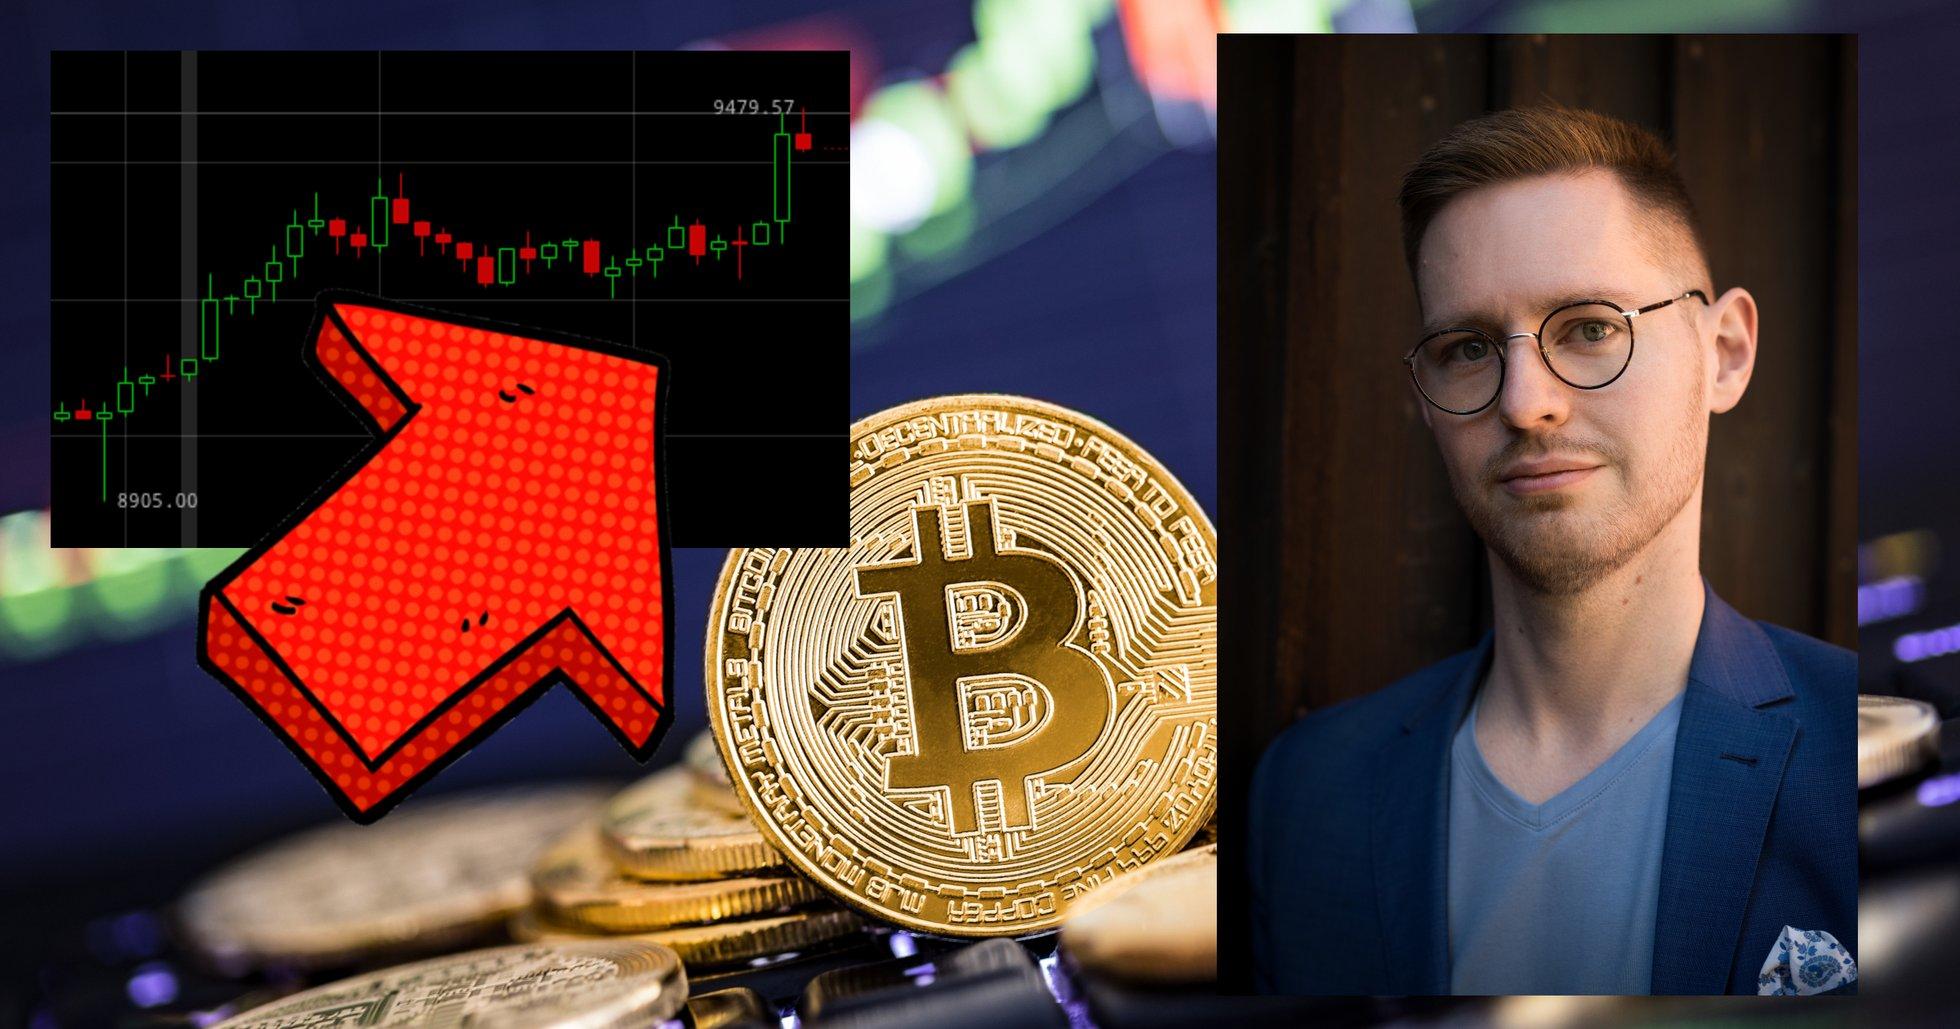 Bitcoinpriset får ny fart – har stigit över 6 procent sedan i helgen.